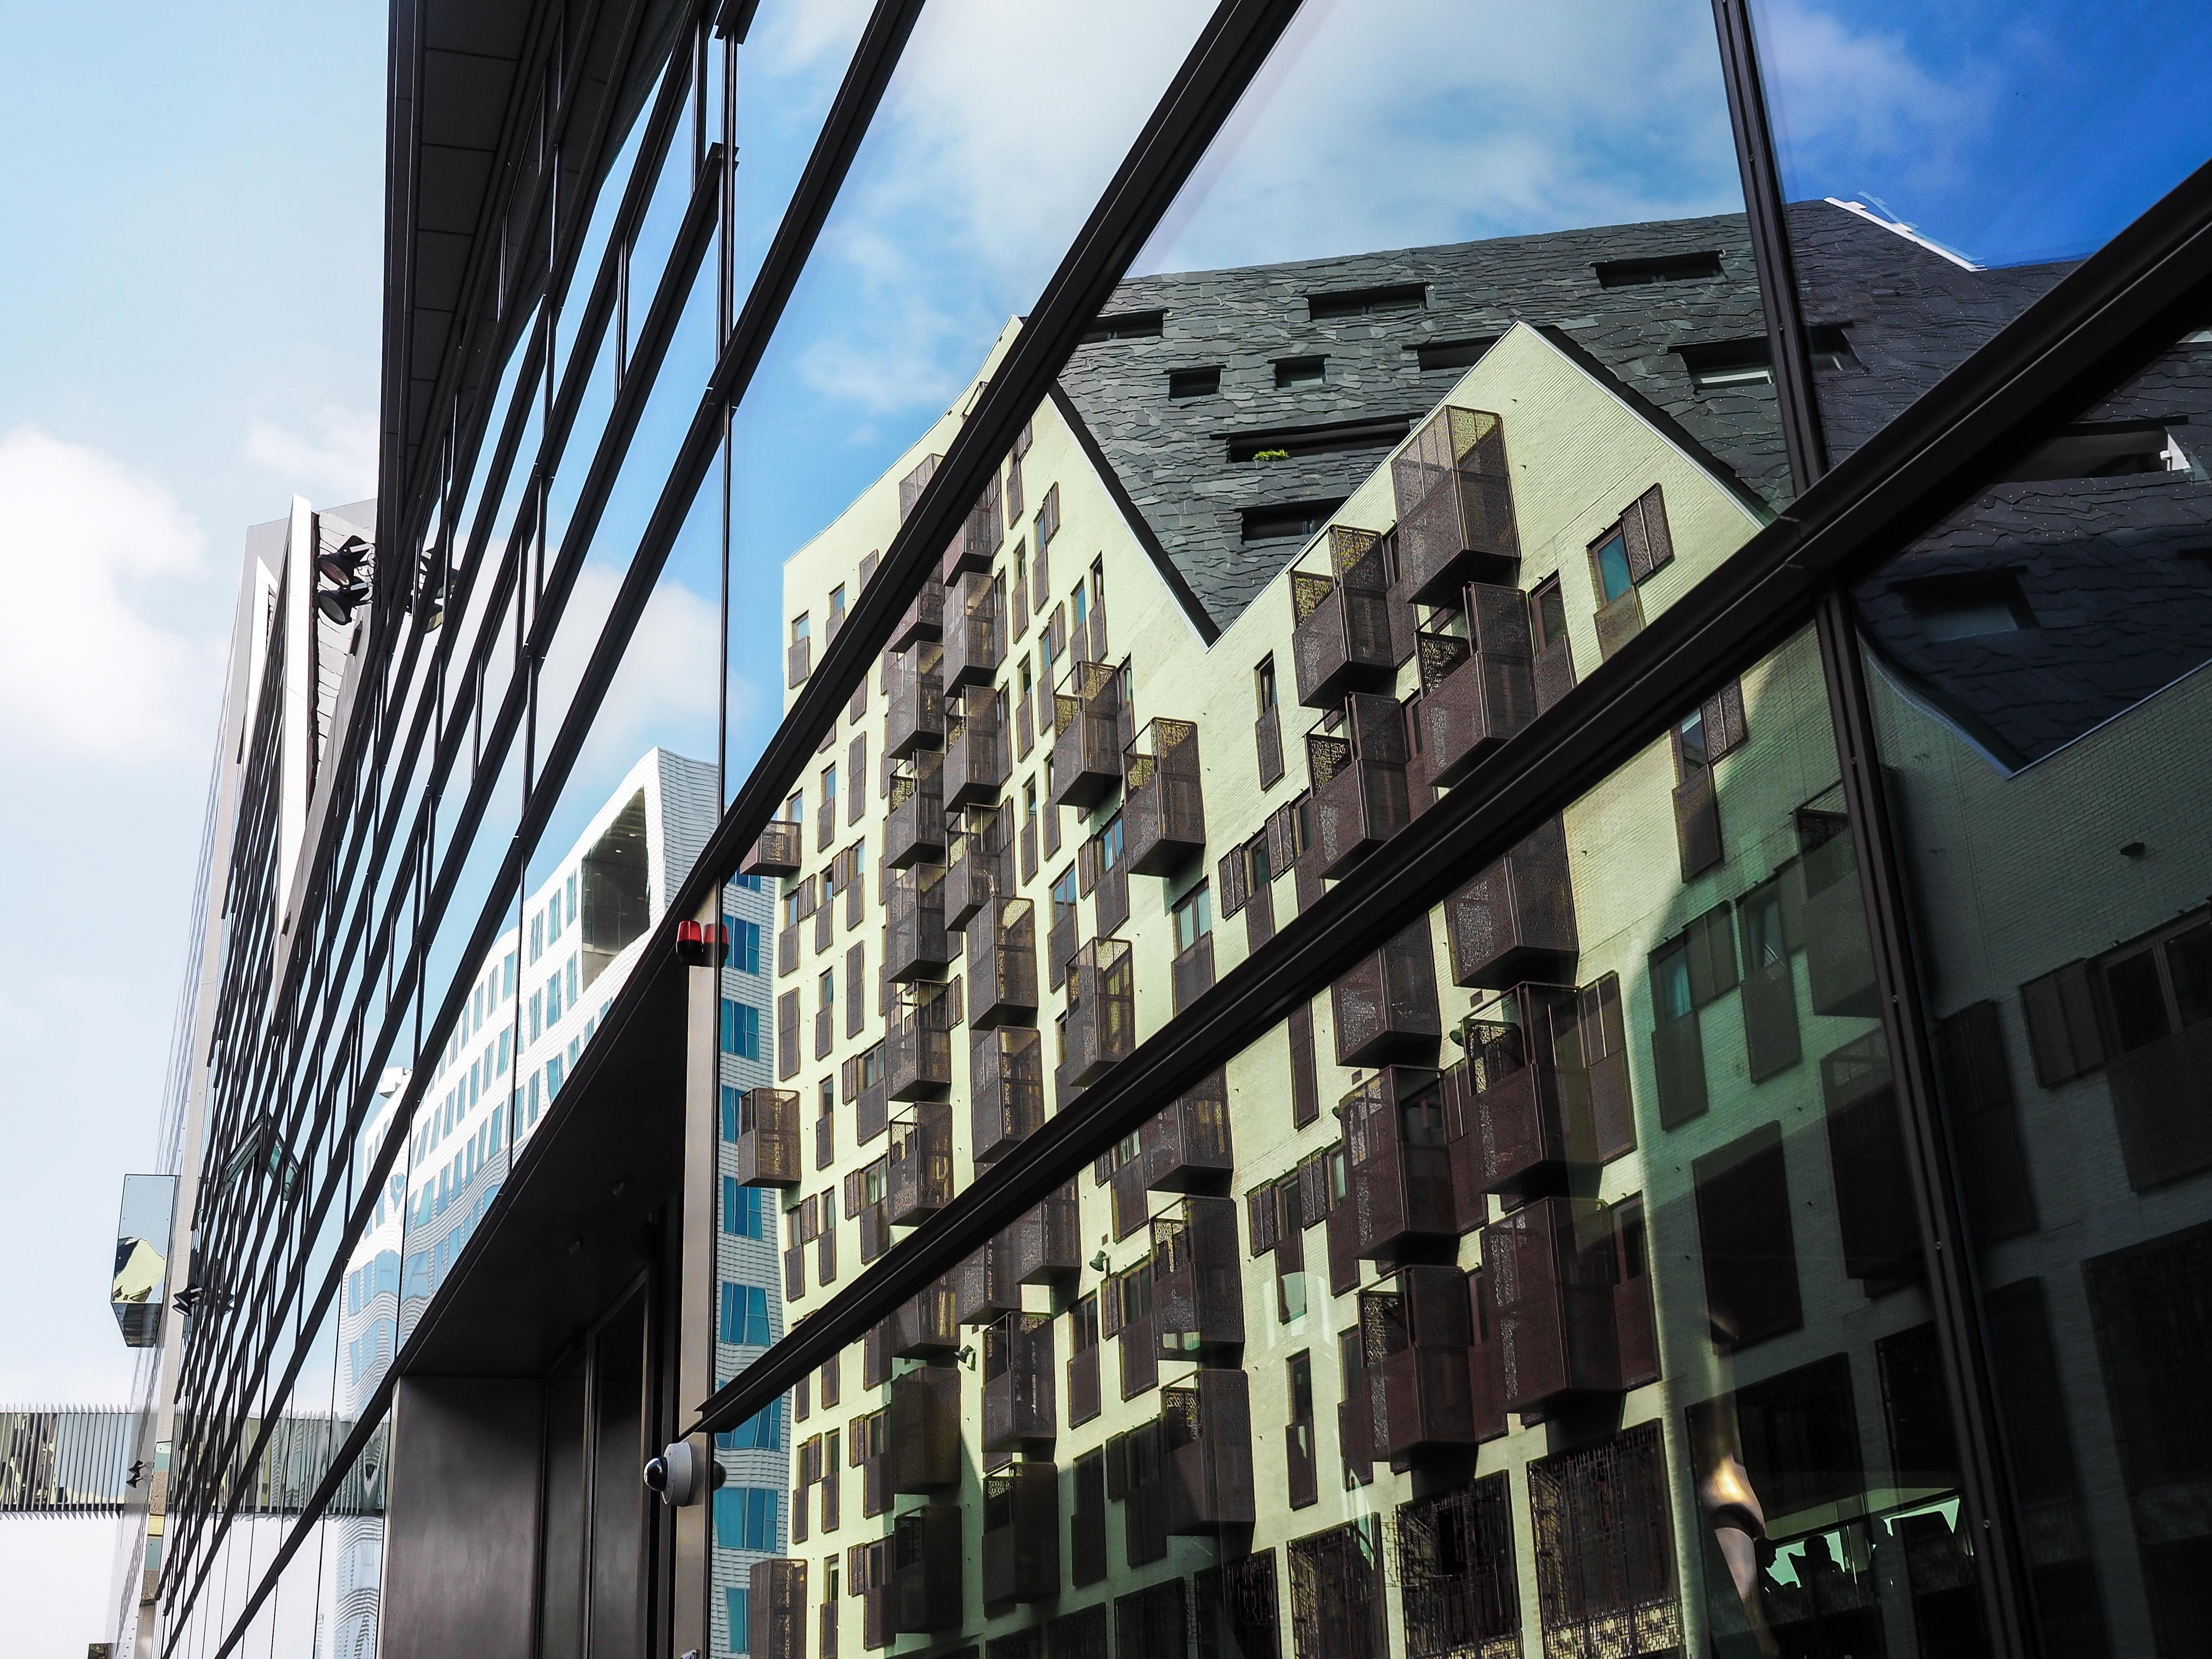 Urban_Architektur-17